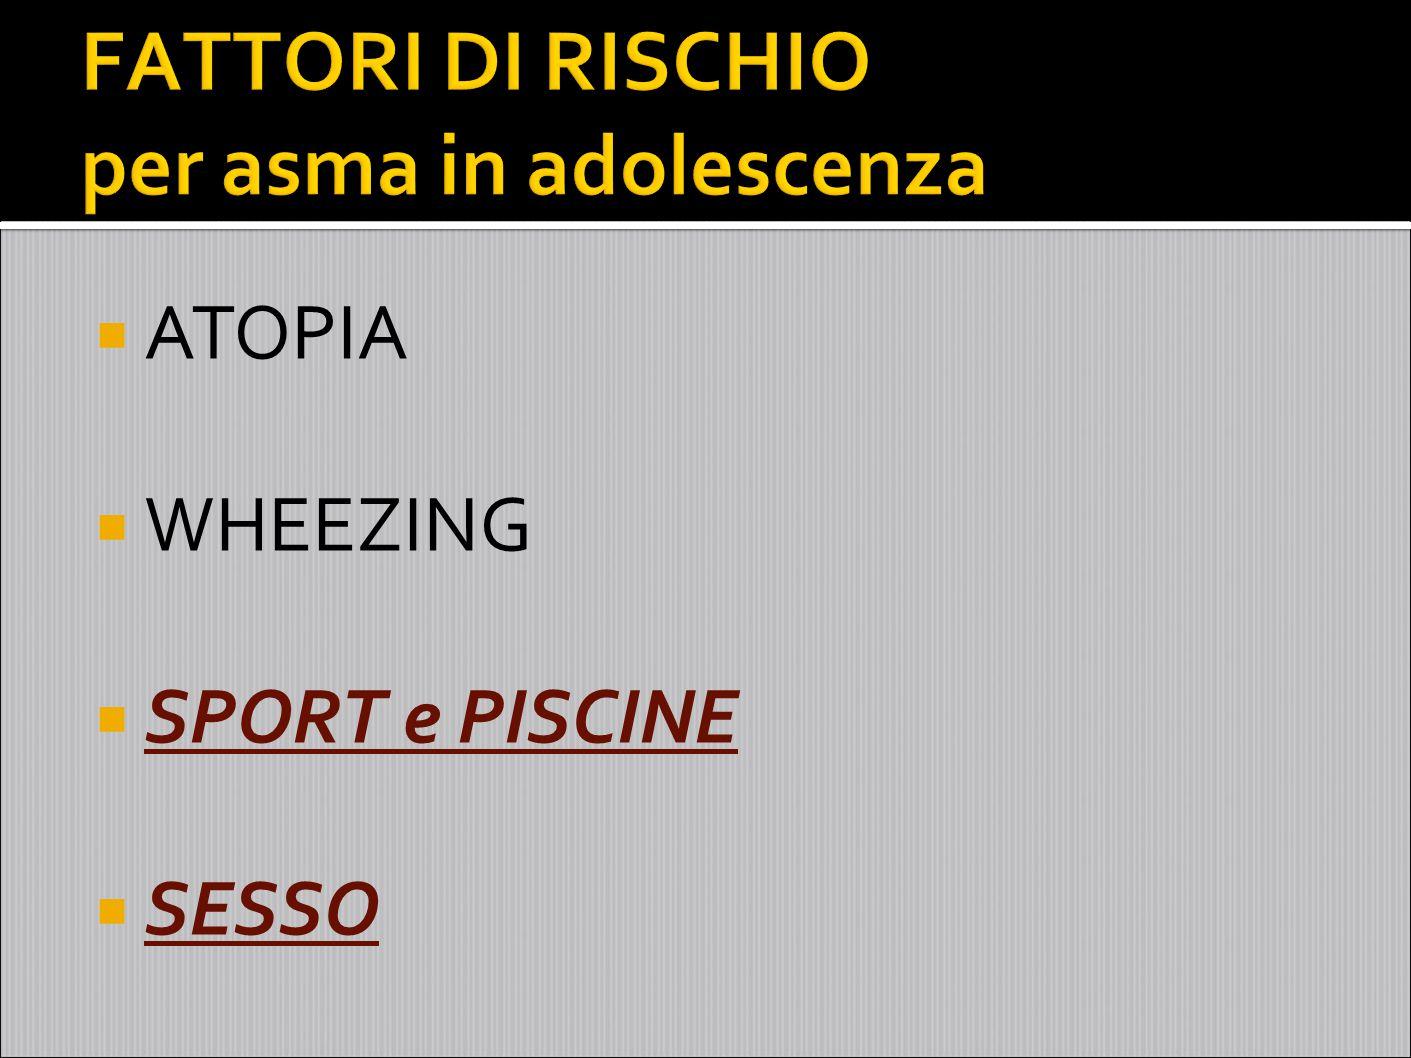 FATTORI DI RISCHIO per asma in adolescenza